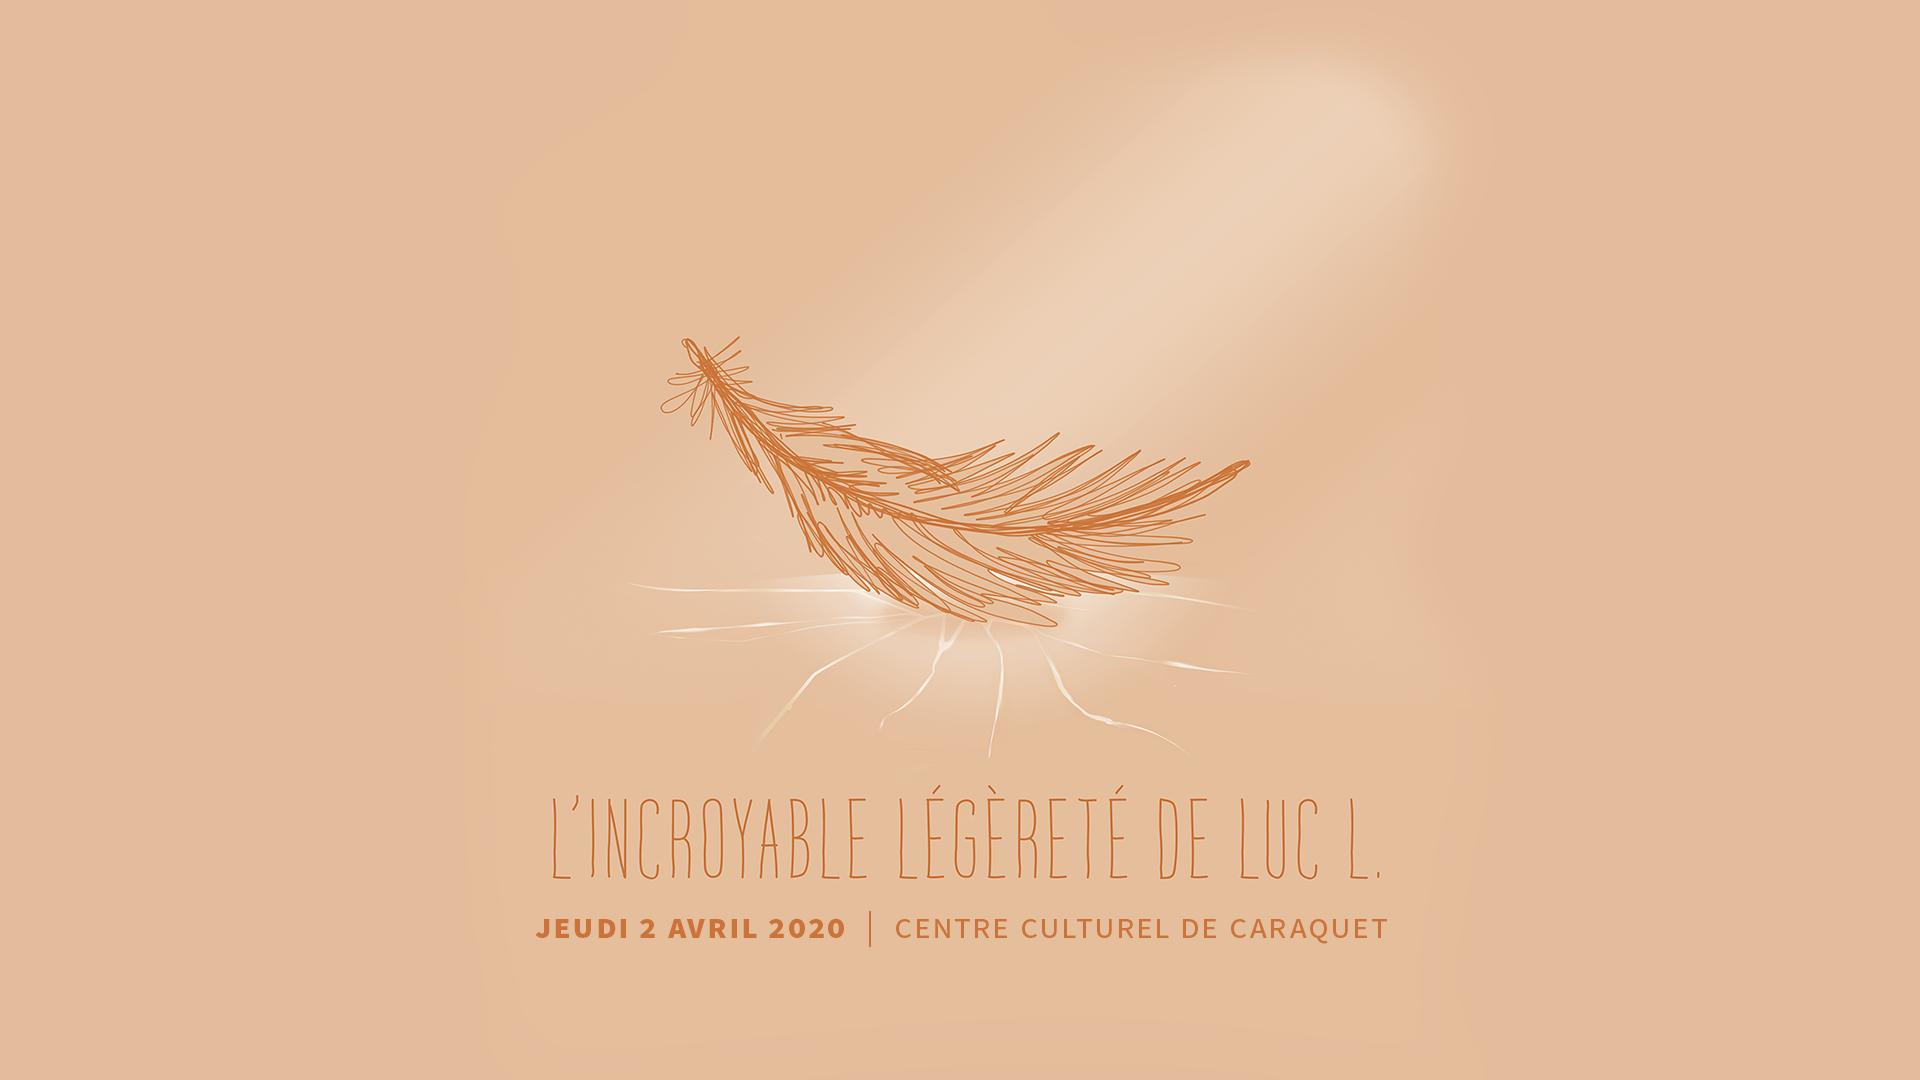 PromoLancement_Vidéo_LucL02